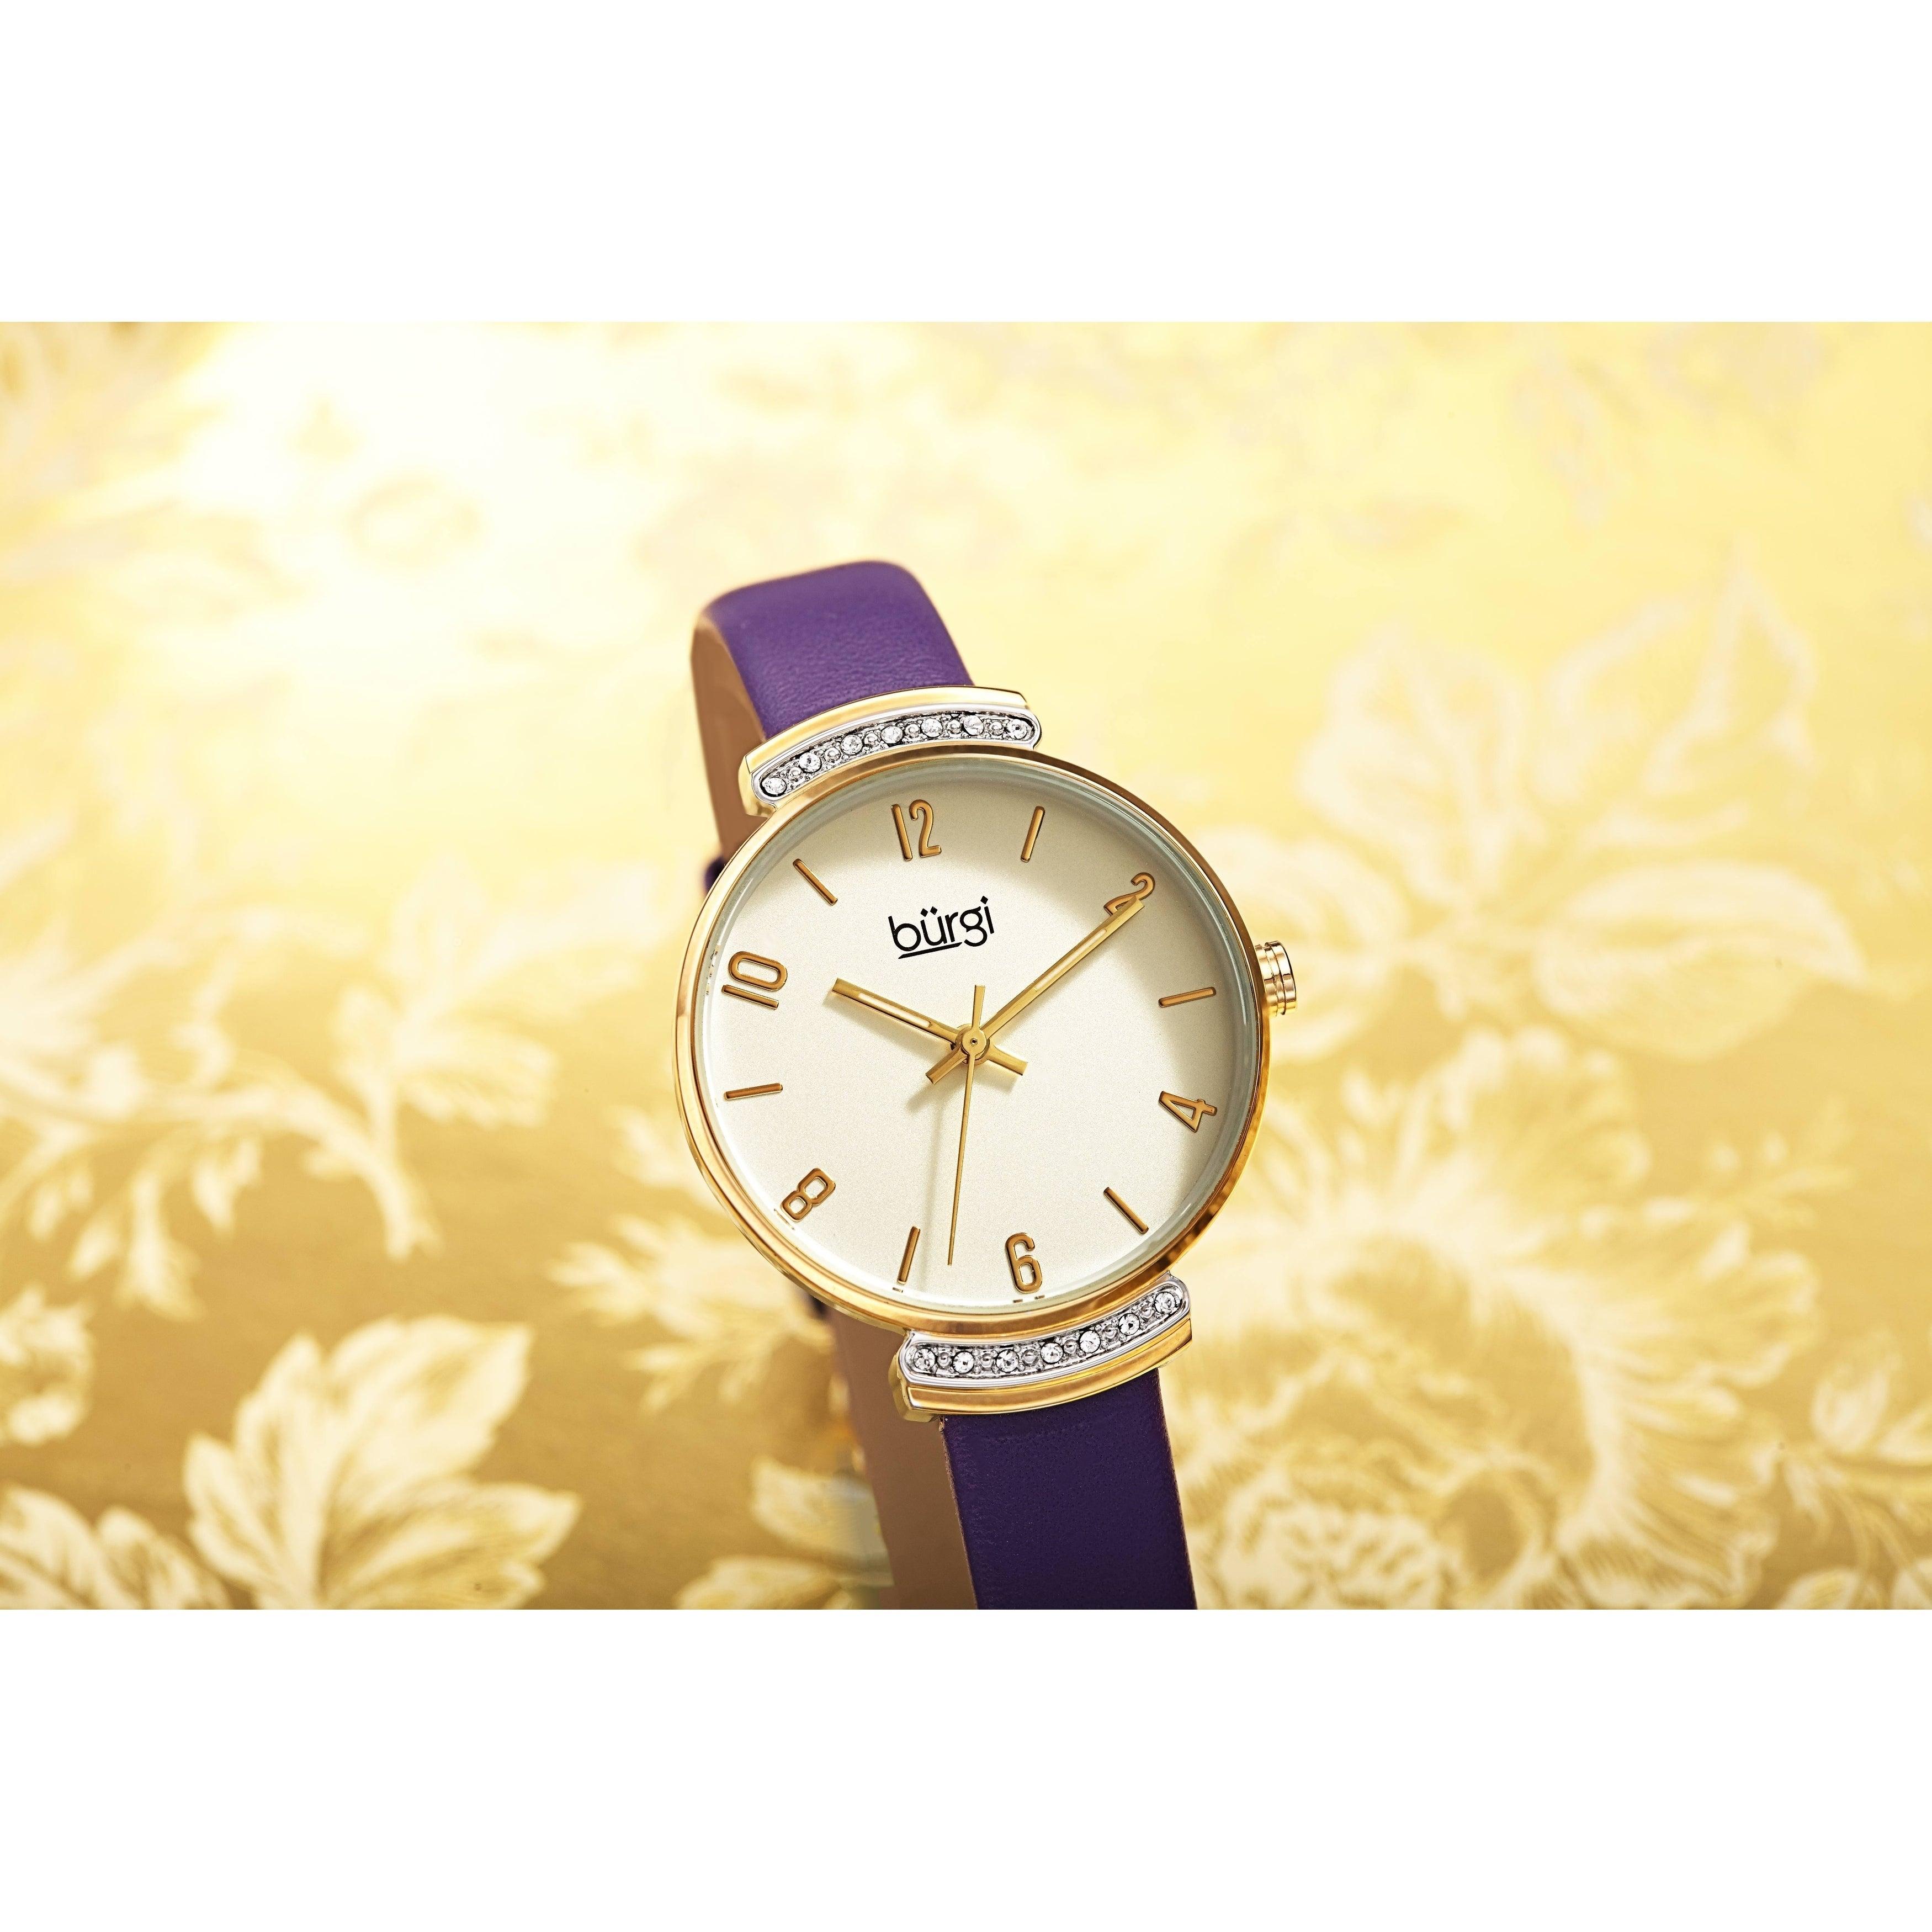 Classic Slim Burgi Crystal Women's Swarovski Leather Watch Strap PZkXOiTu